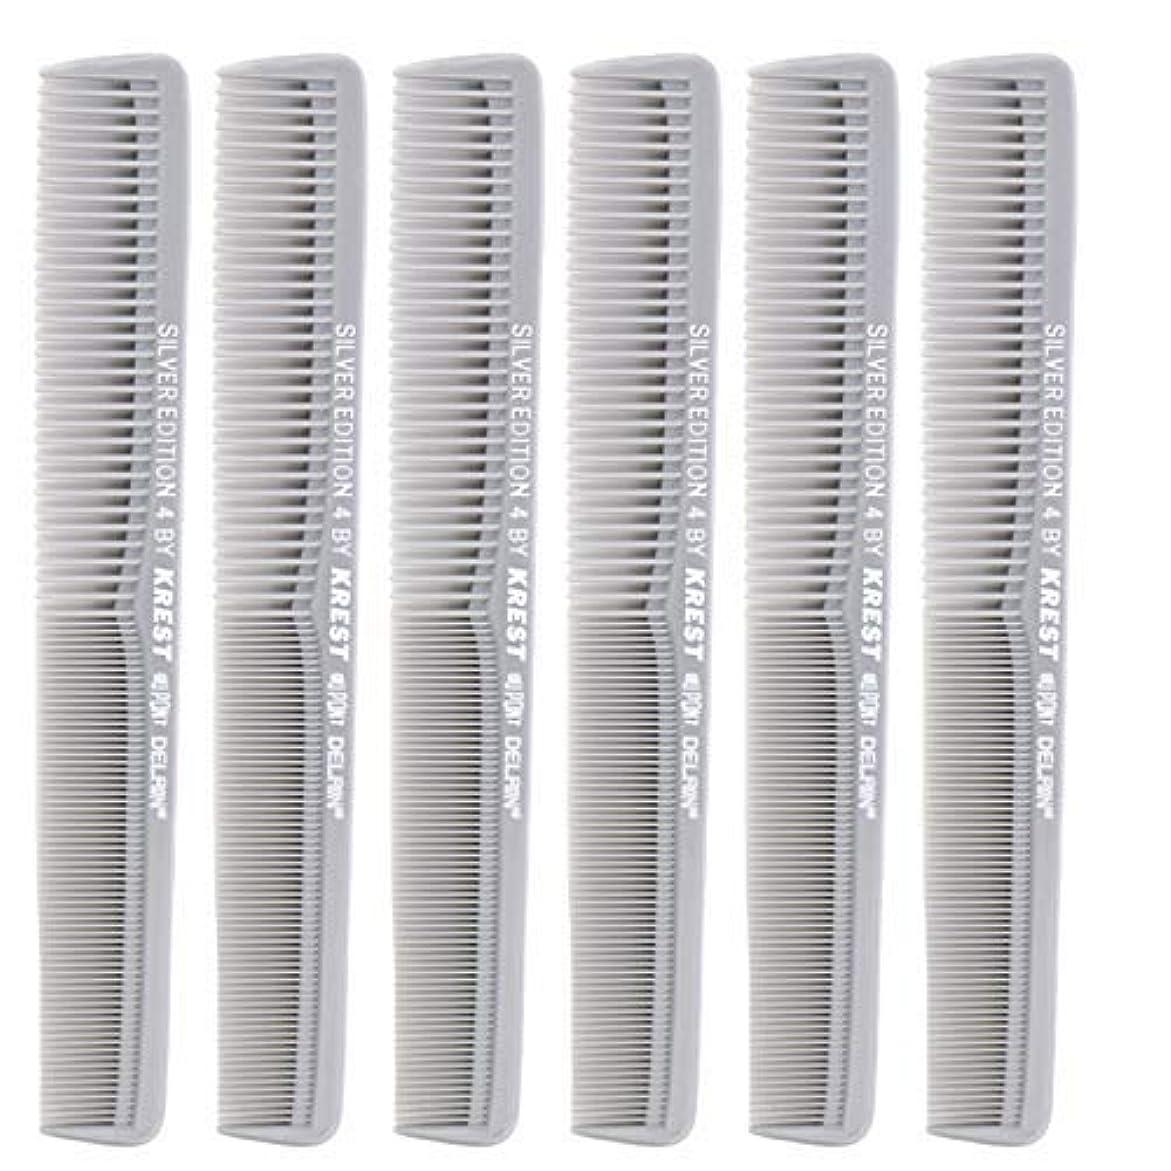 羊の責征服する7 In. Silver Edition Heat Resistant All Purpose Hair Comb Model #4 Krest Comb, [並行輸入品]